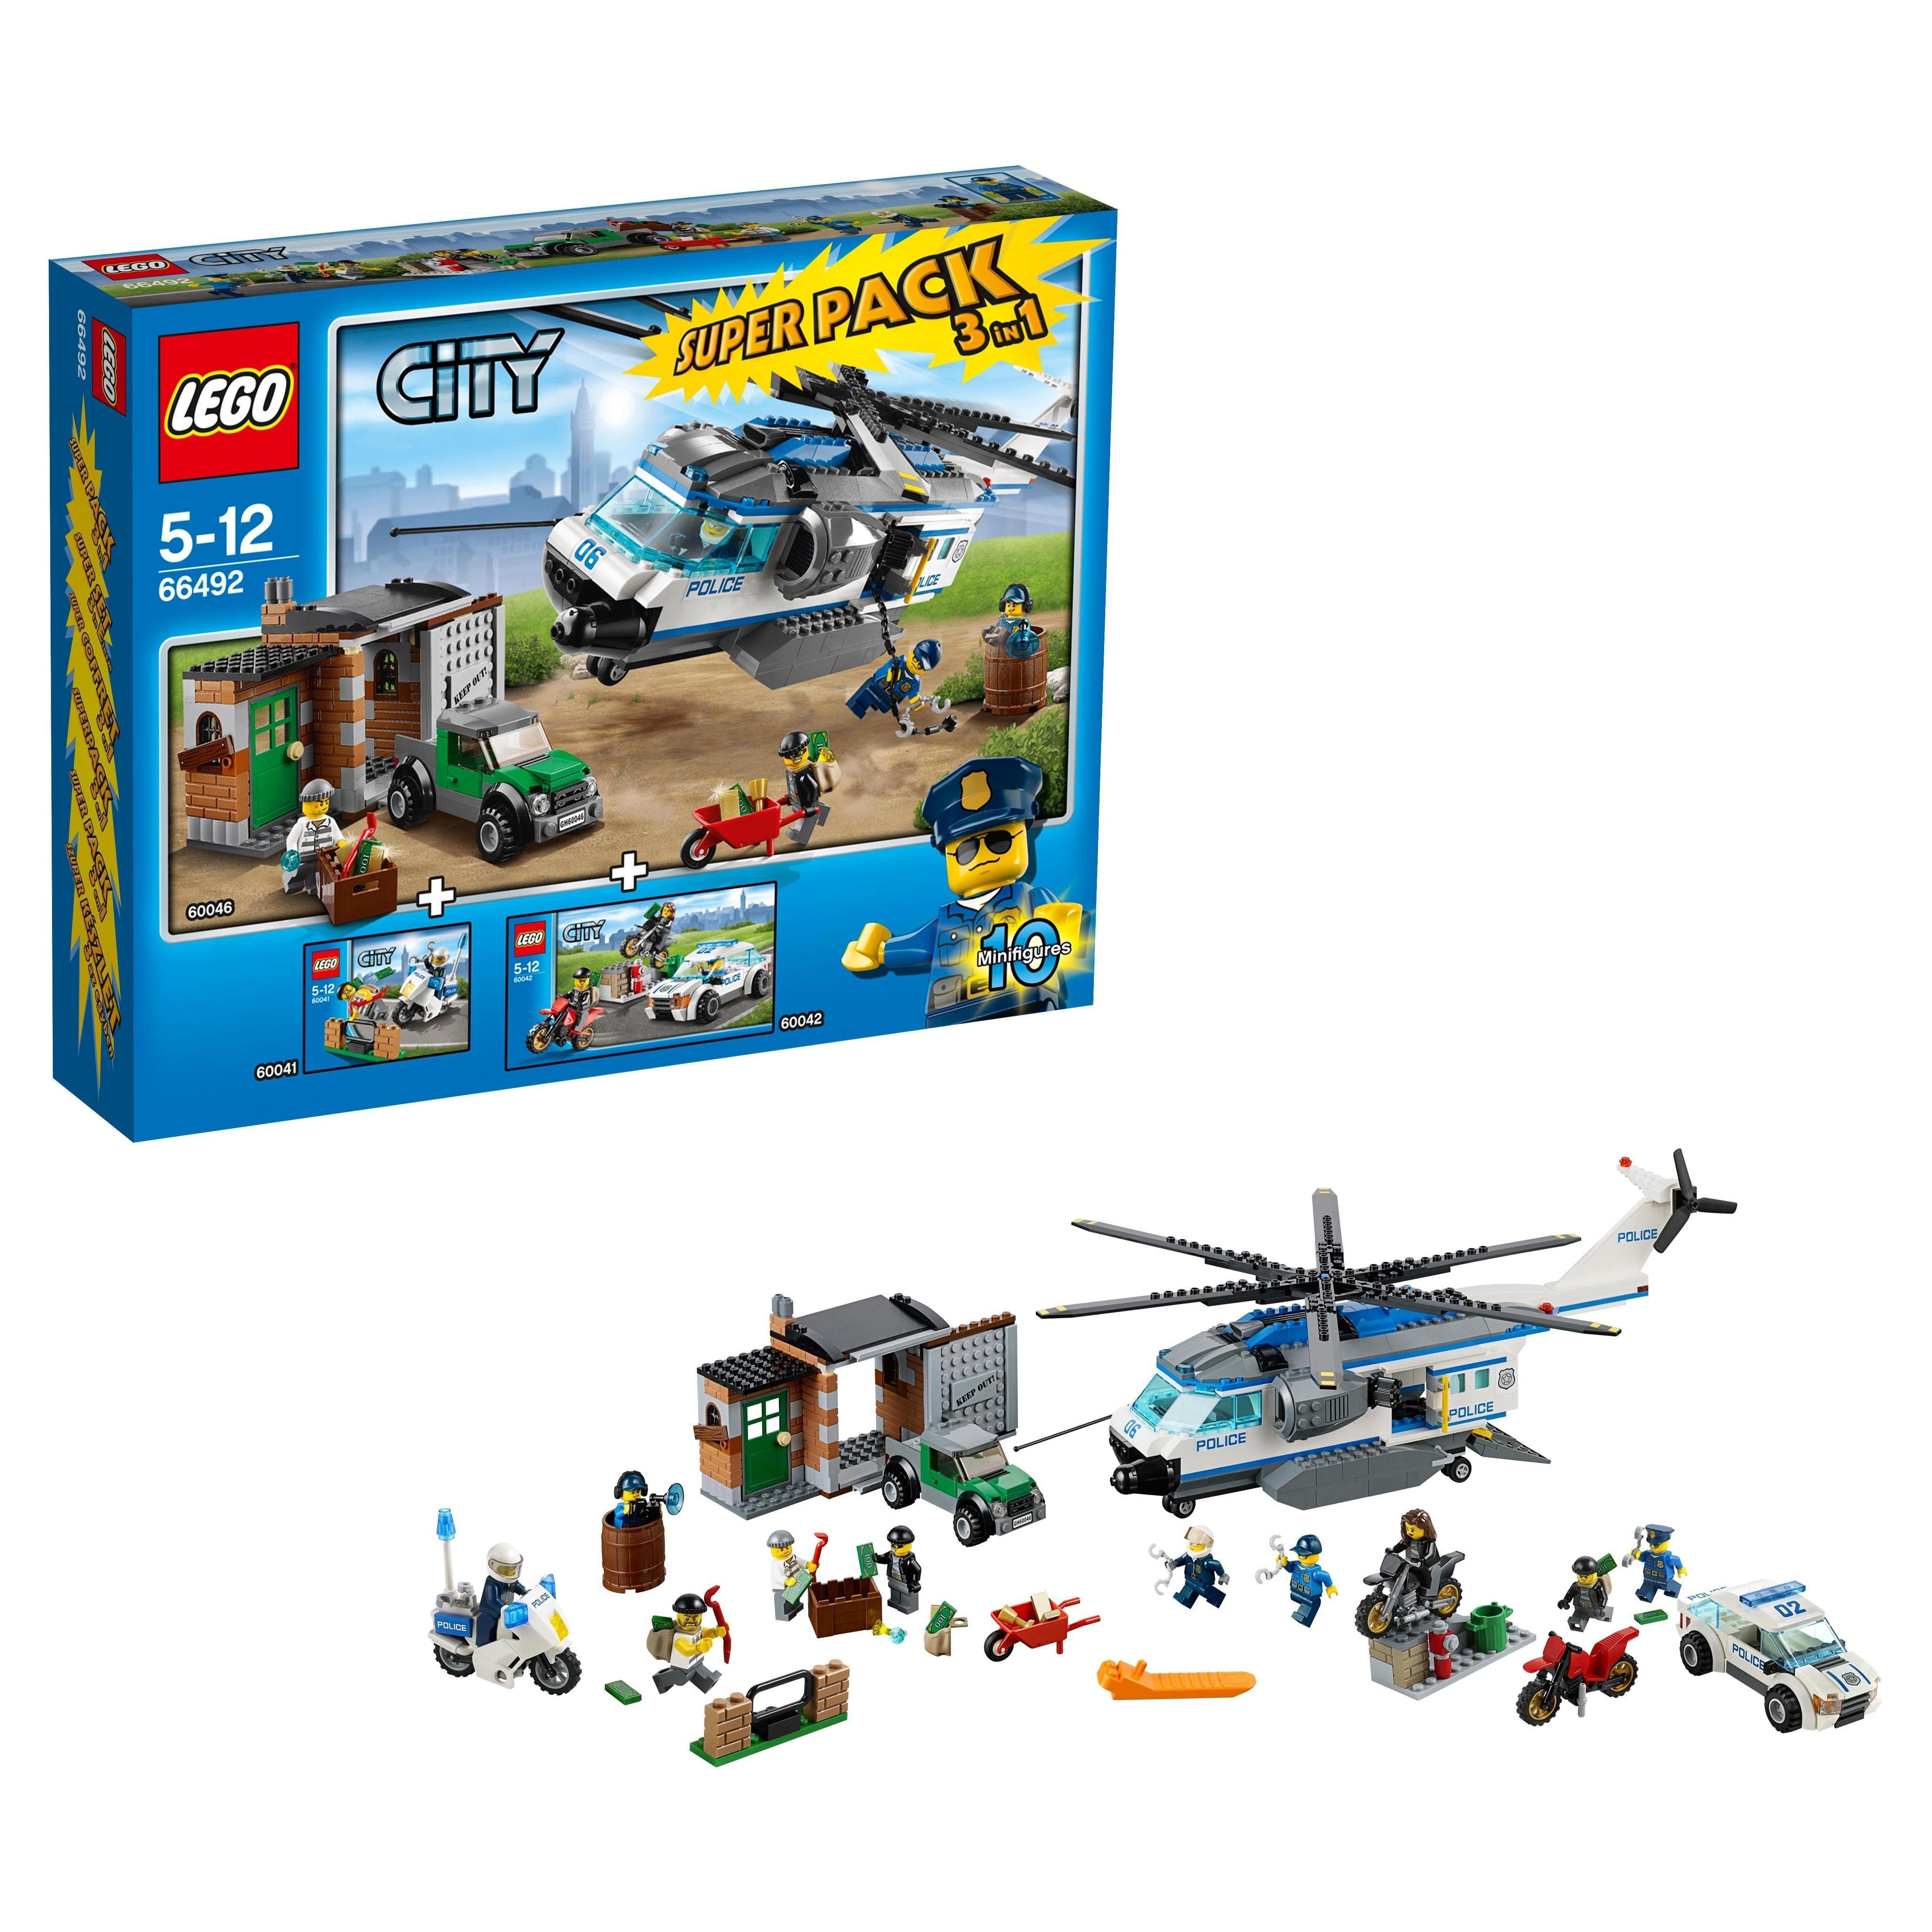 Конструктор LEGO City Police Супер упаковка 3 в 1 (66492) конструктор lego city police супер упаковка 3 в 1 66492